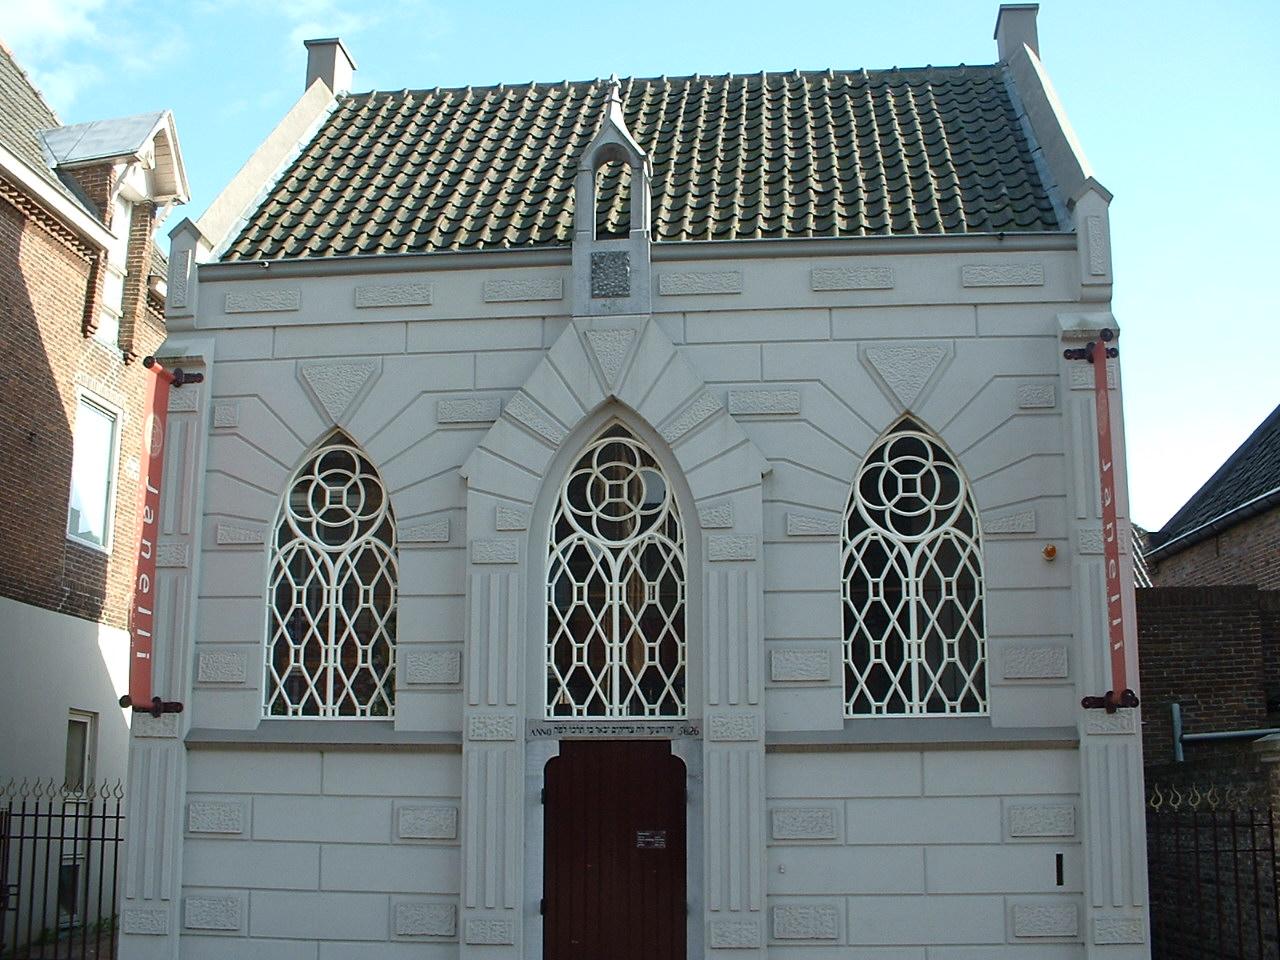 La profunda hipocresía de los Países Bajos cuando se trata de los judíos – Por Dr. Manfred Gerstenfeld